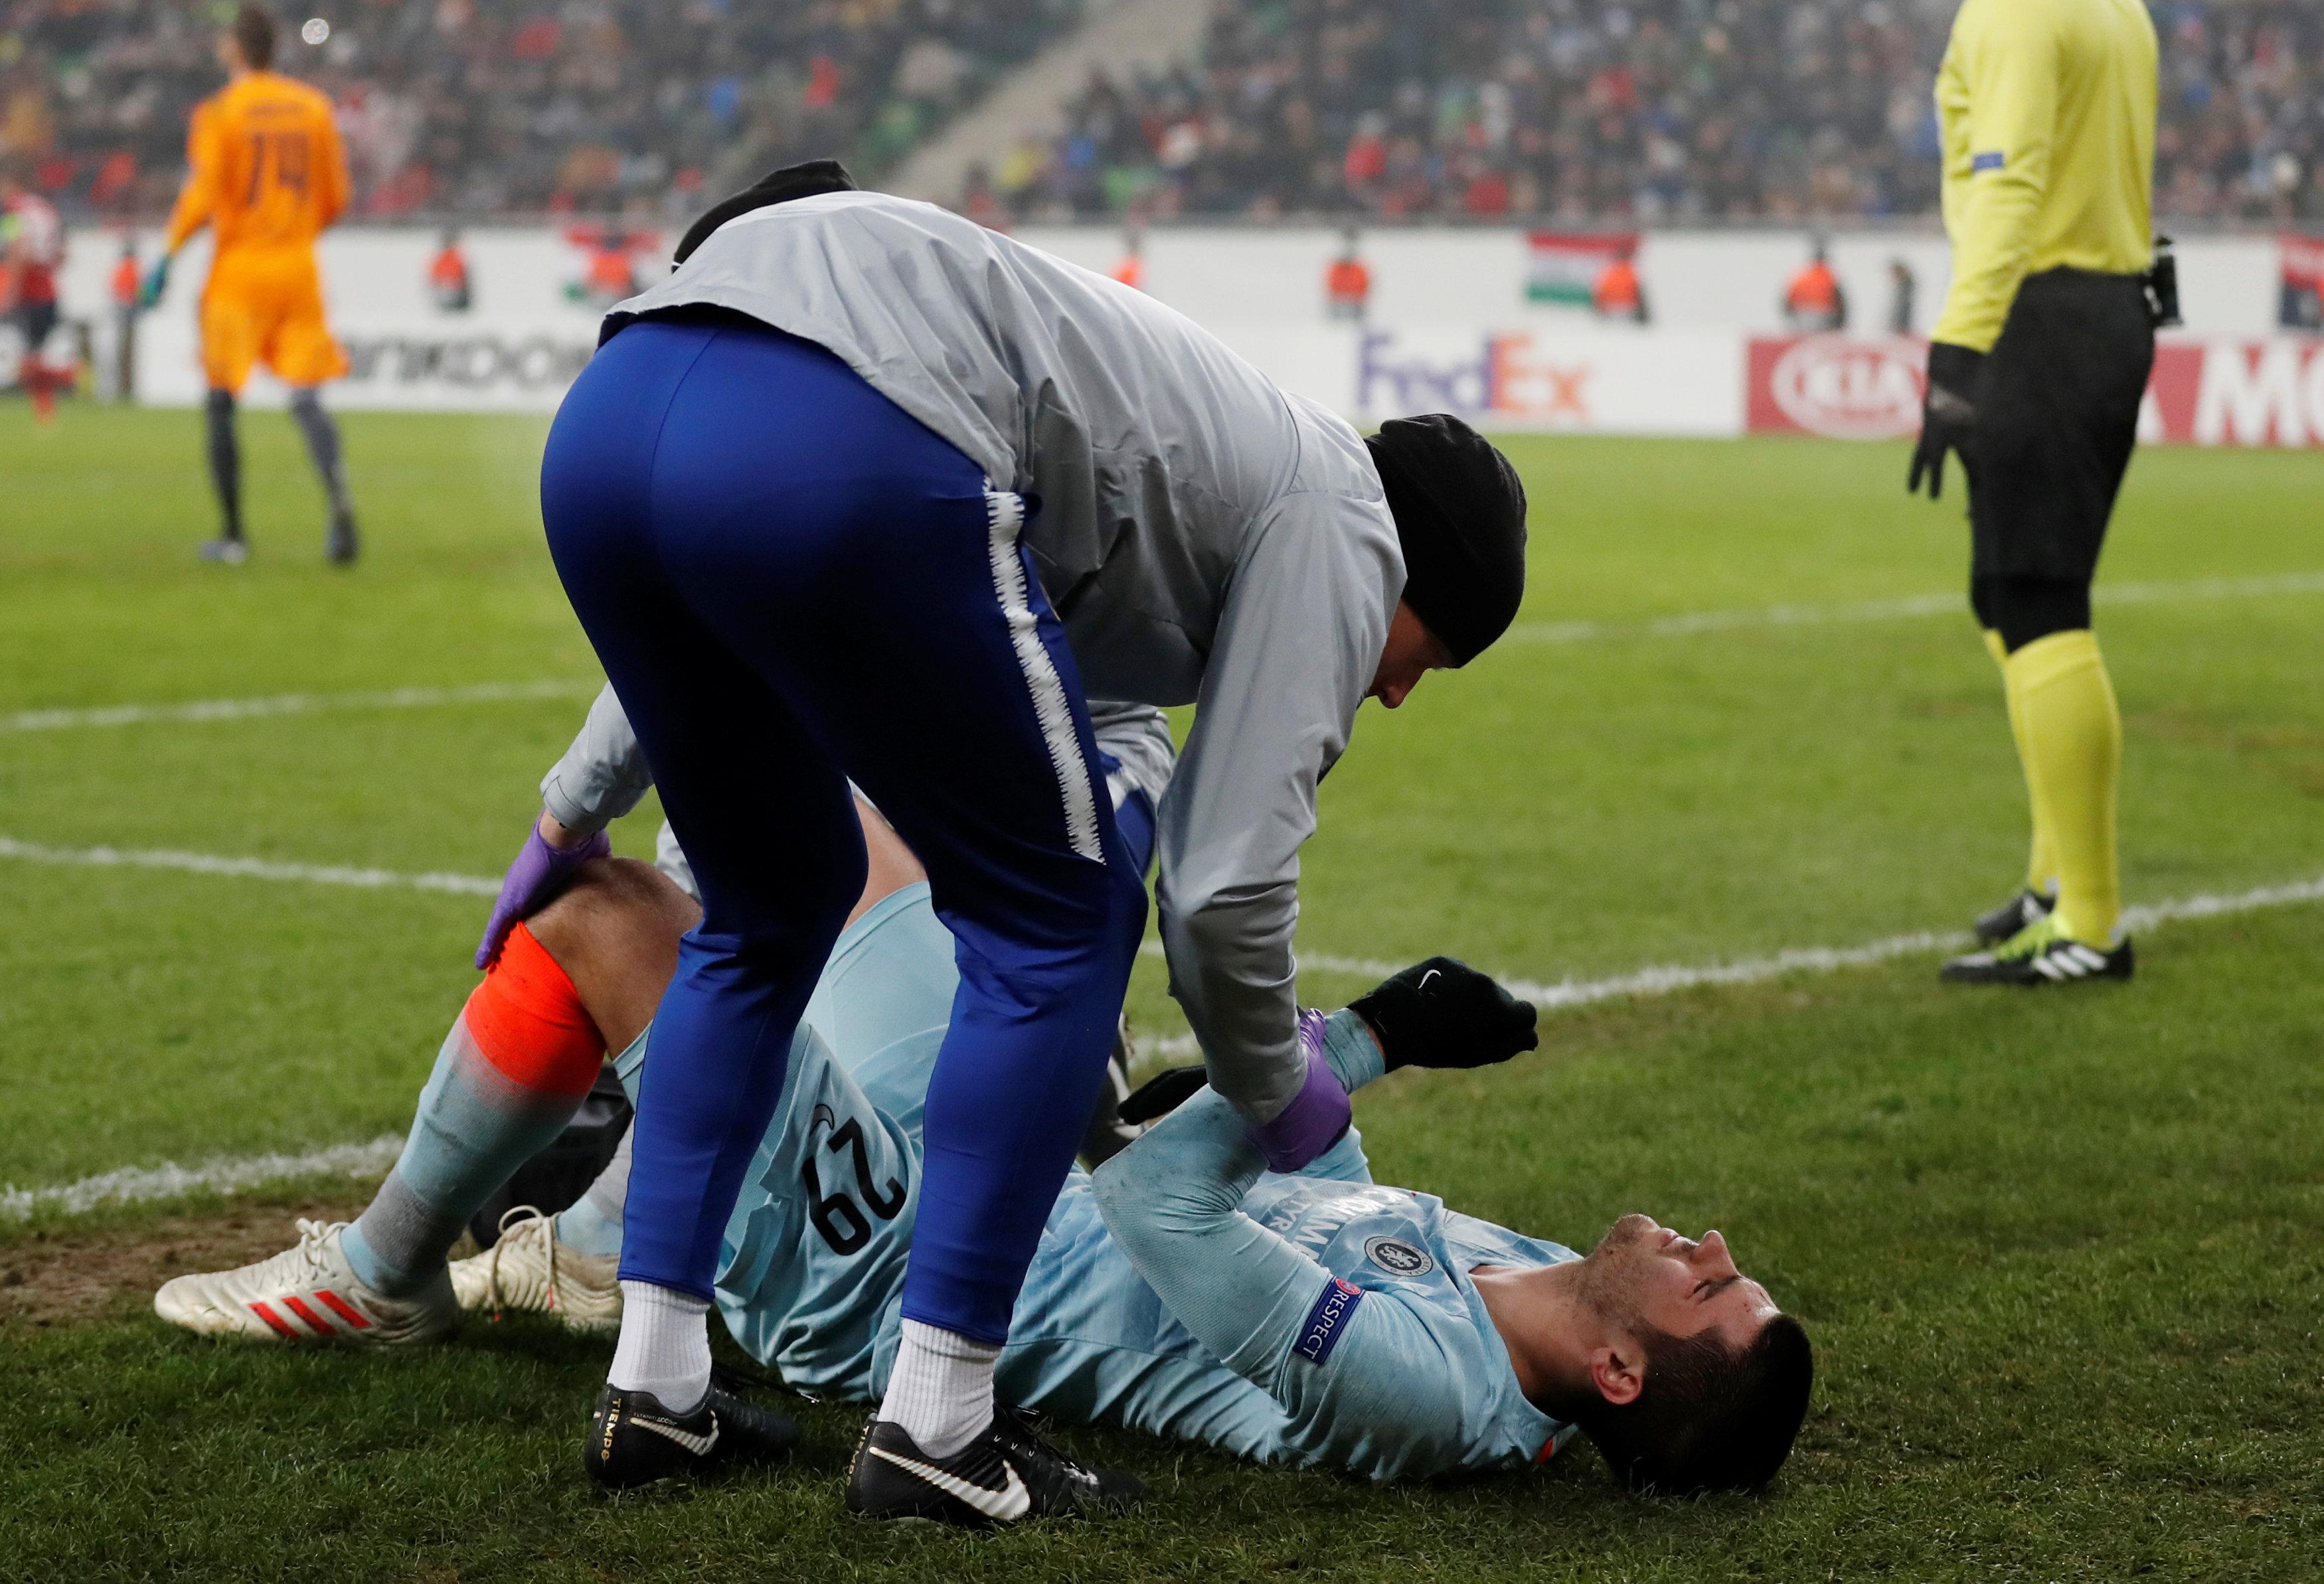 La lesión de Álvaro Morata que prendió las alarmas en el Chelsea